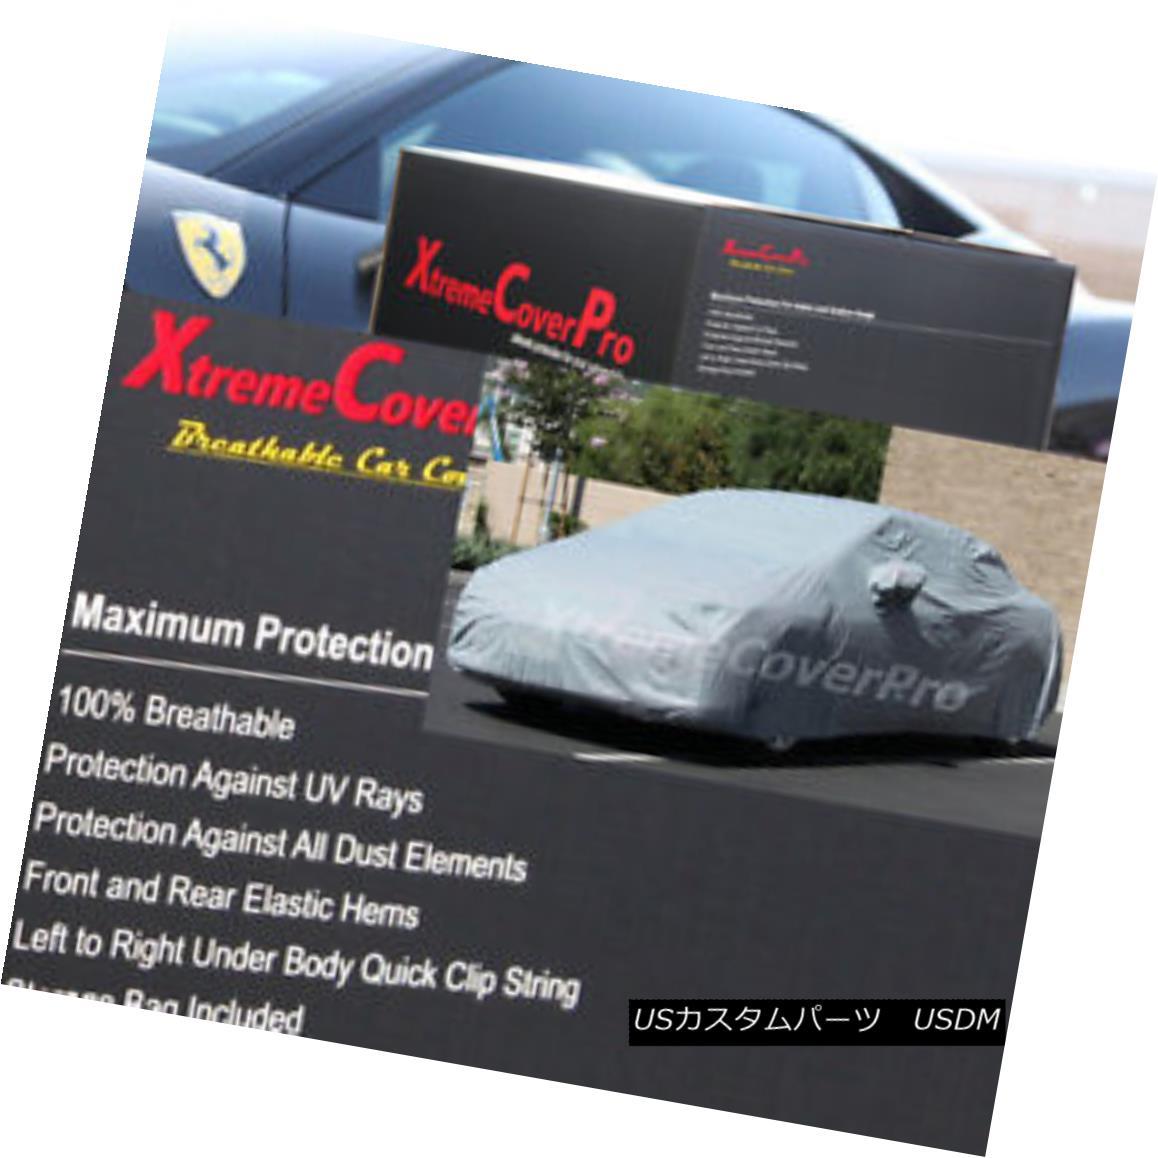 カーカバー 1992 1993 1994 Oldsmobile Achieva Breathable Car Cover w/MirrorPocket 1992 1993 1994 Oldsmobile Achieva通気性車カバー付き/ MirrorPocket